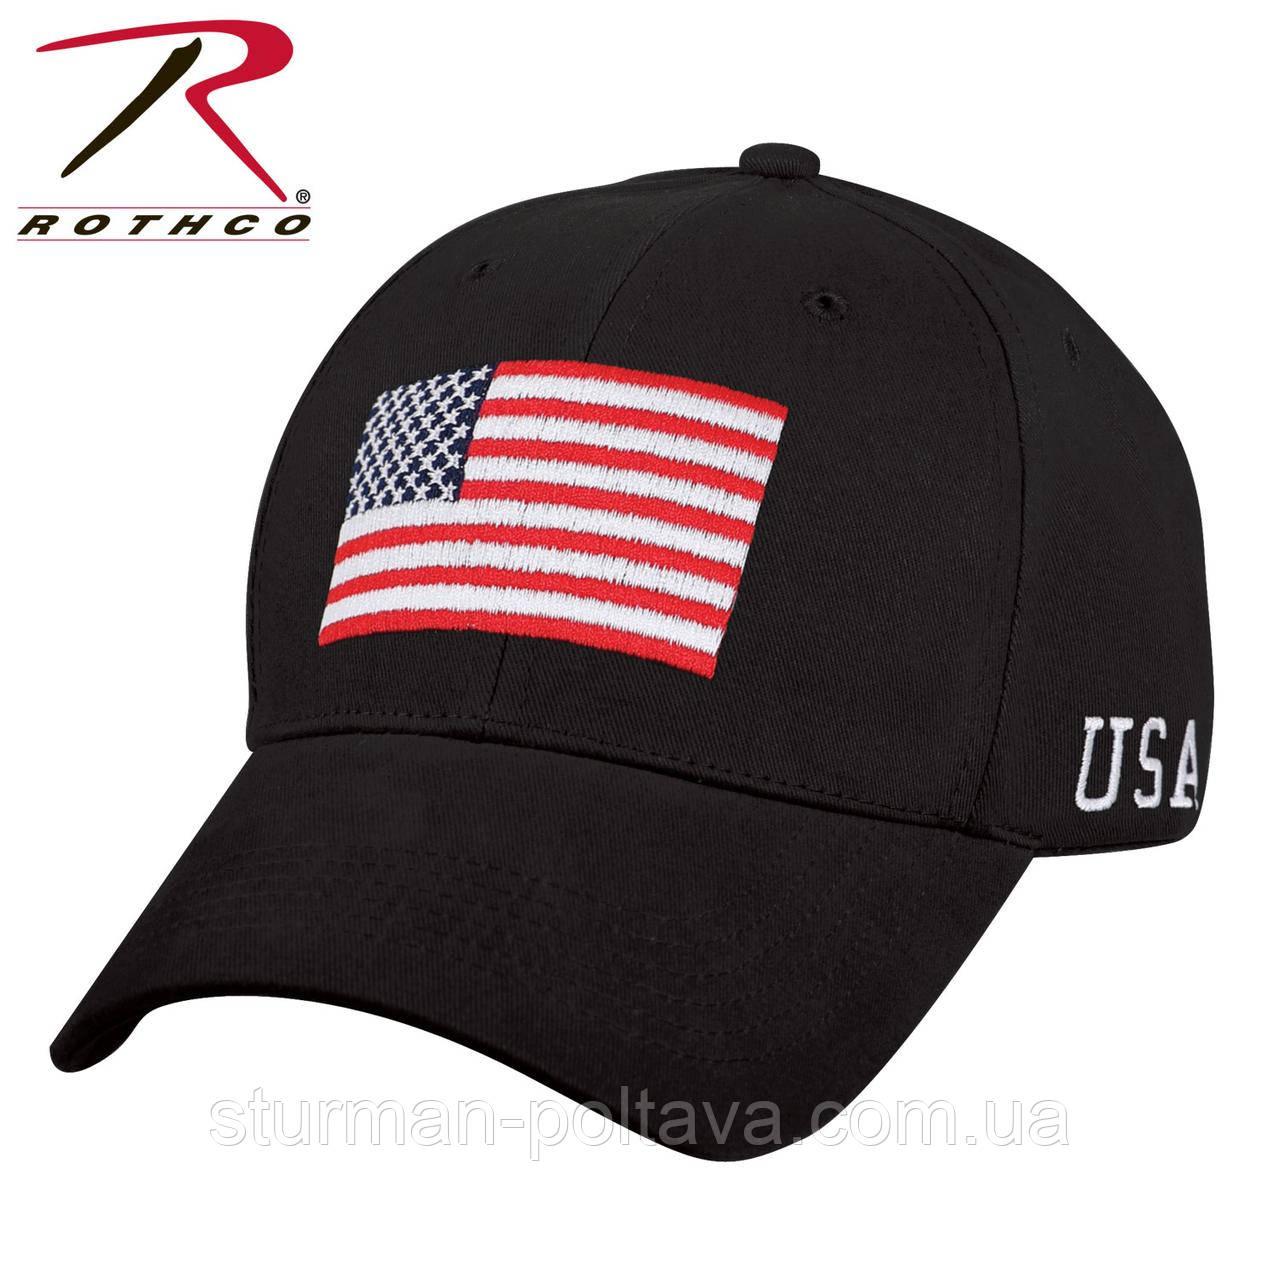 Бейсболка чоловіча з вишивой прапор Flag USA Low Pro Cap колір чорний бавовна твіл Rotcho